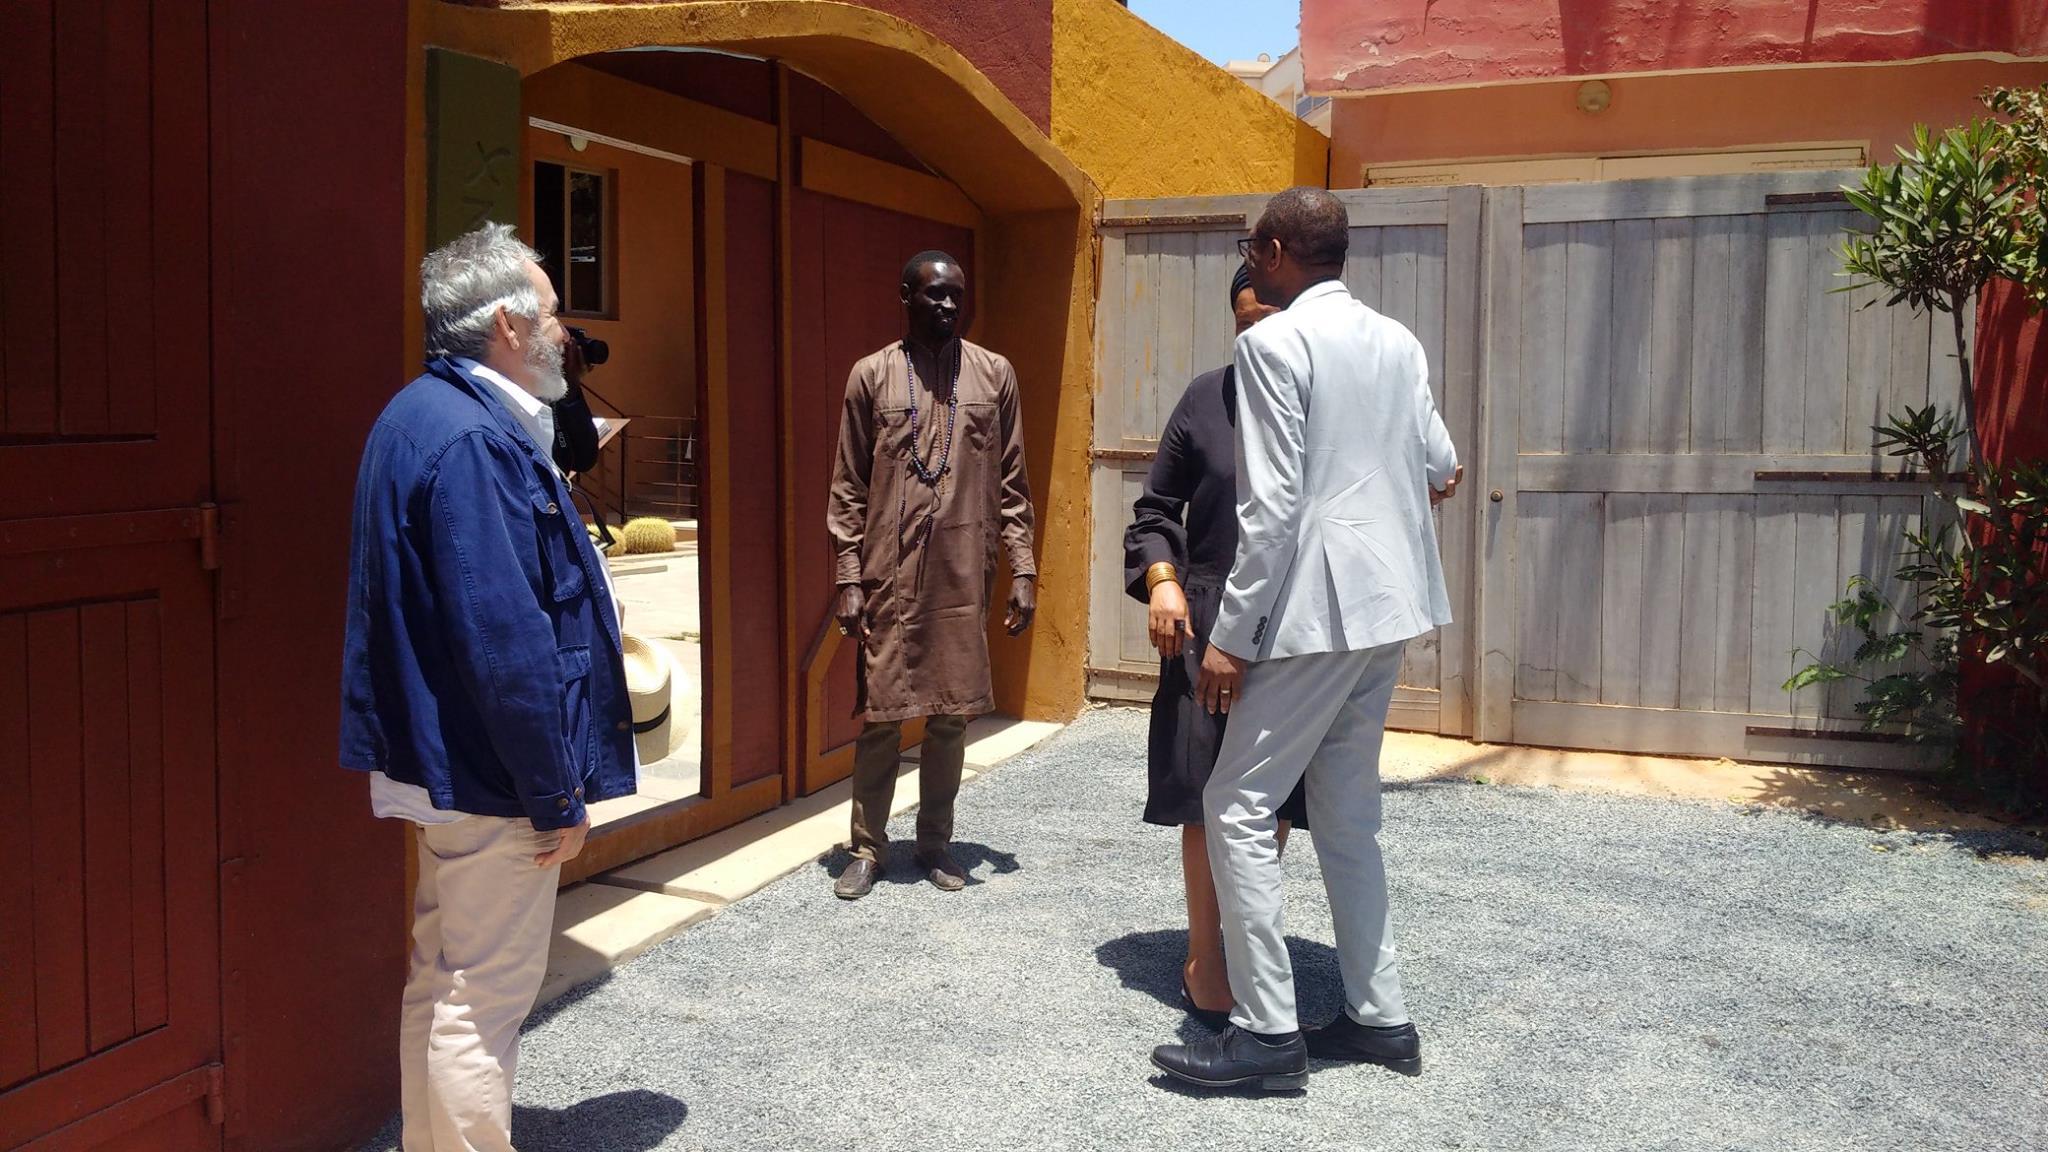 Inauguration de la Maison Ousmane Sow: Youssou Ndour a visité la Maison Ousmane Sow